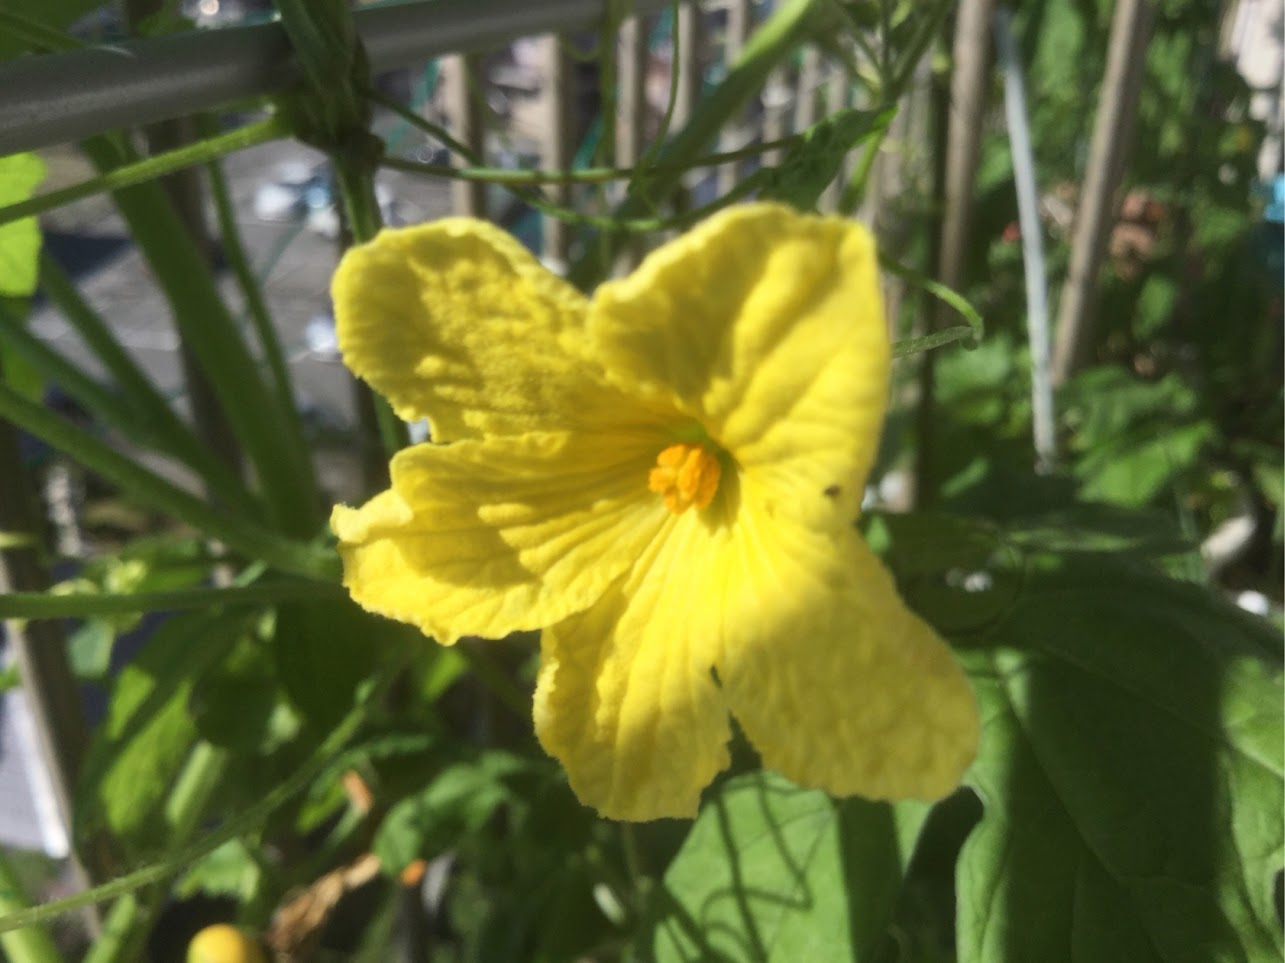 苦瓜の花 カボチャ・ヘチマ・苦瓜の花はよく似ています。